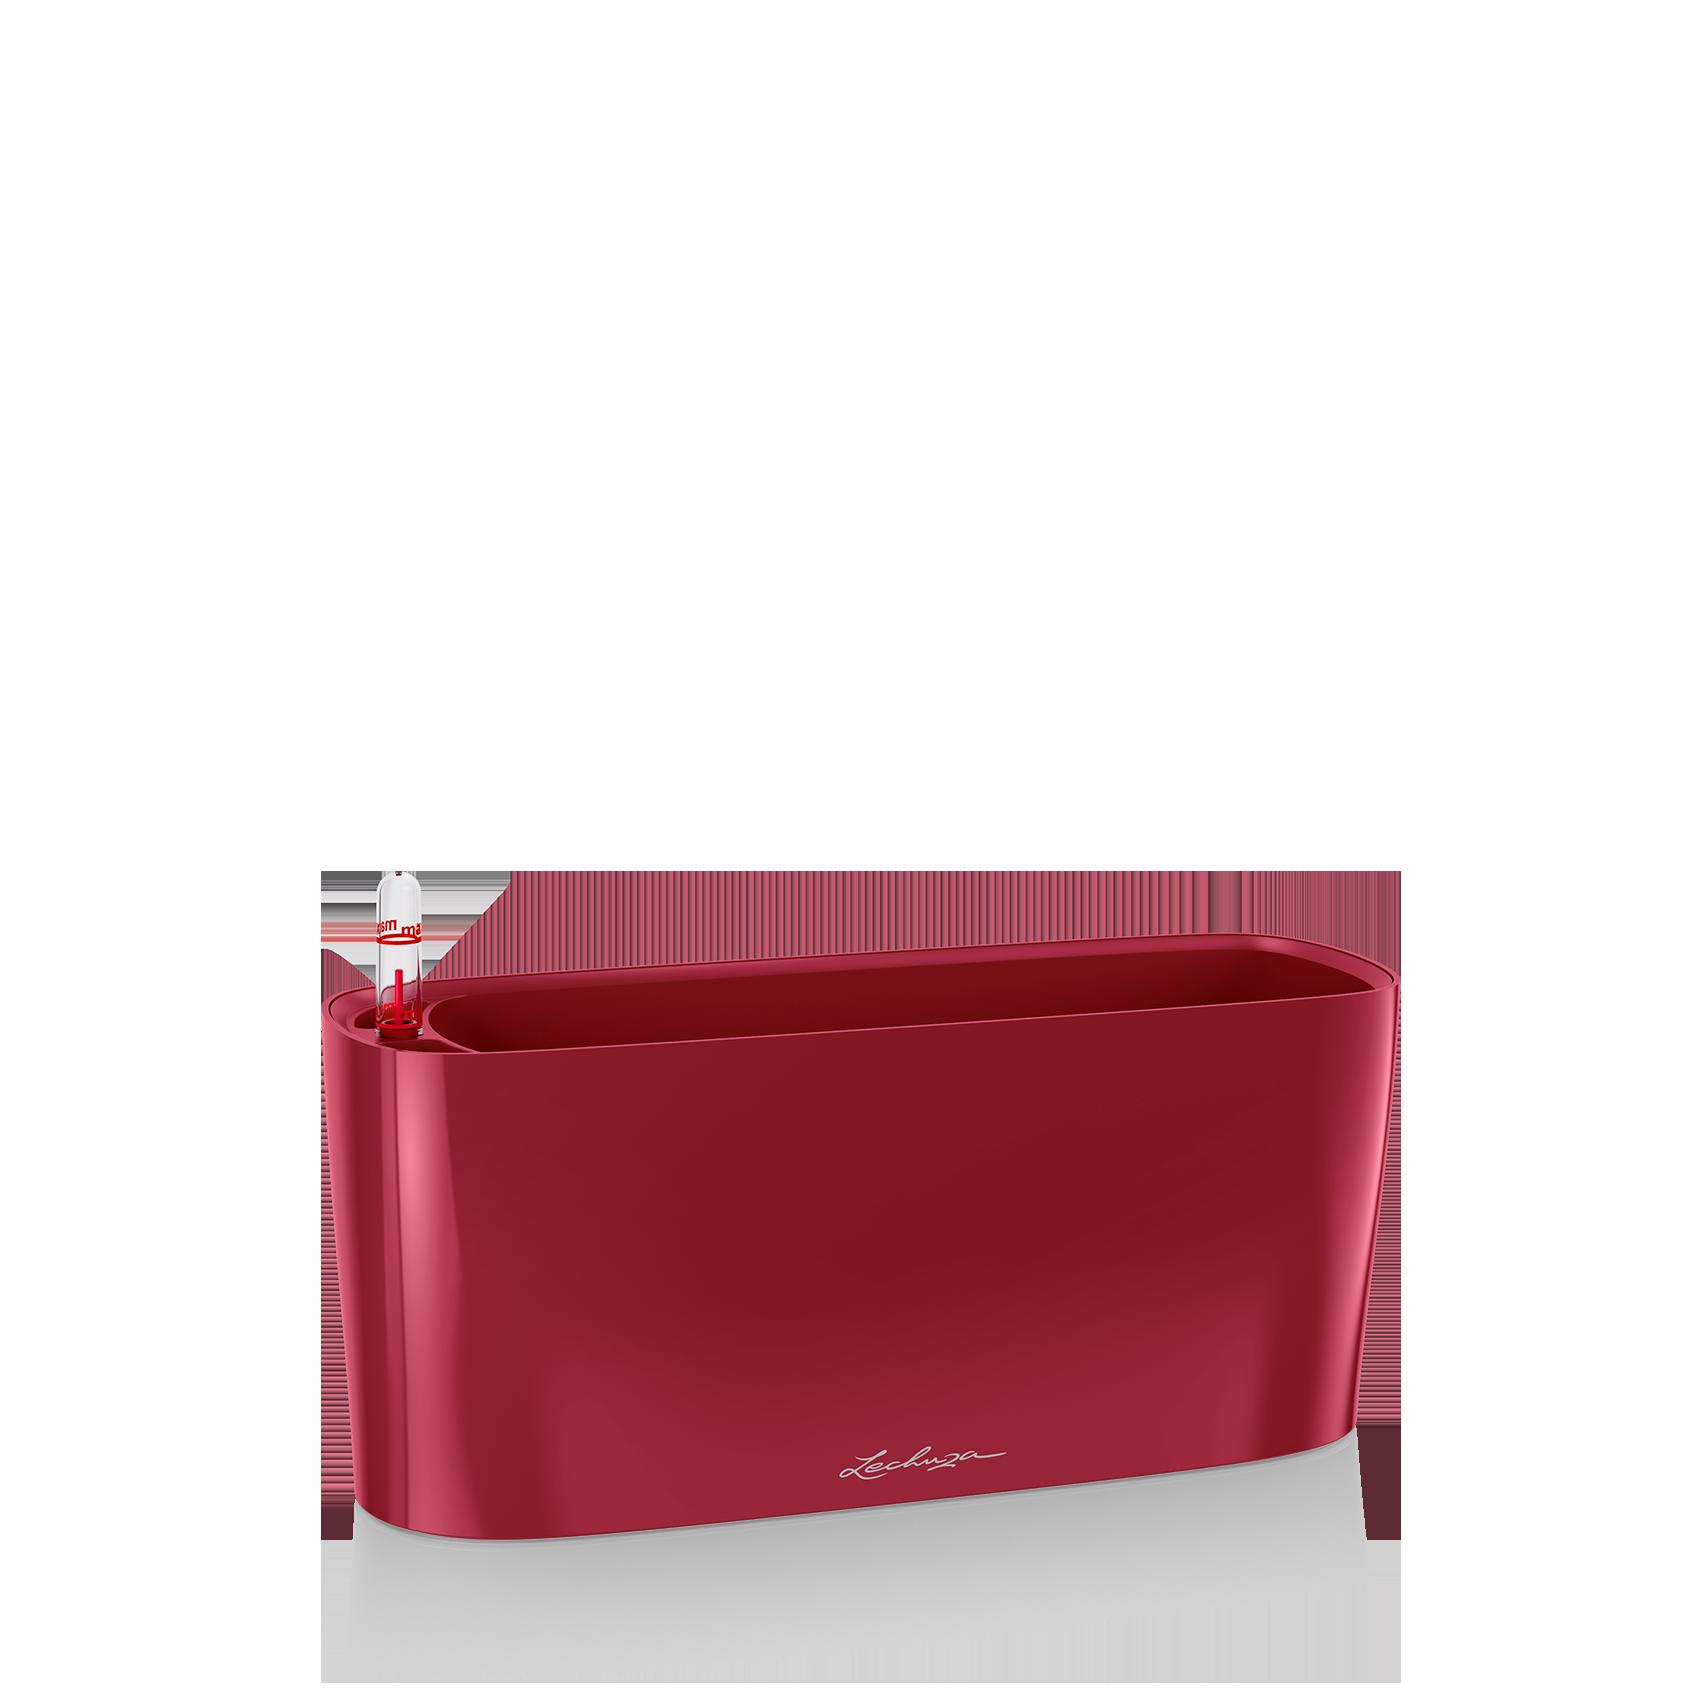 DELTA 10 rosso scarlatto lucido